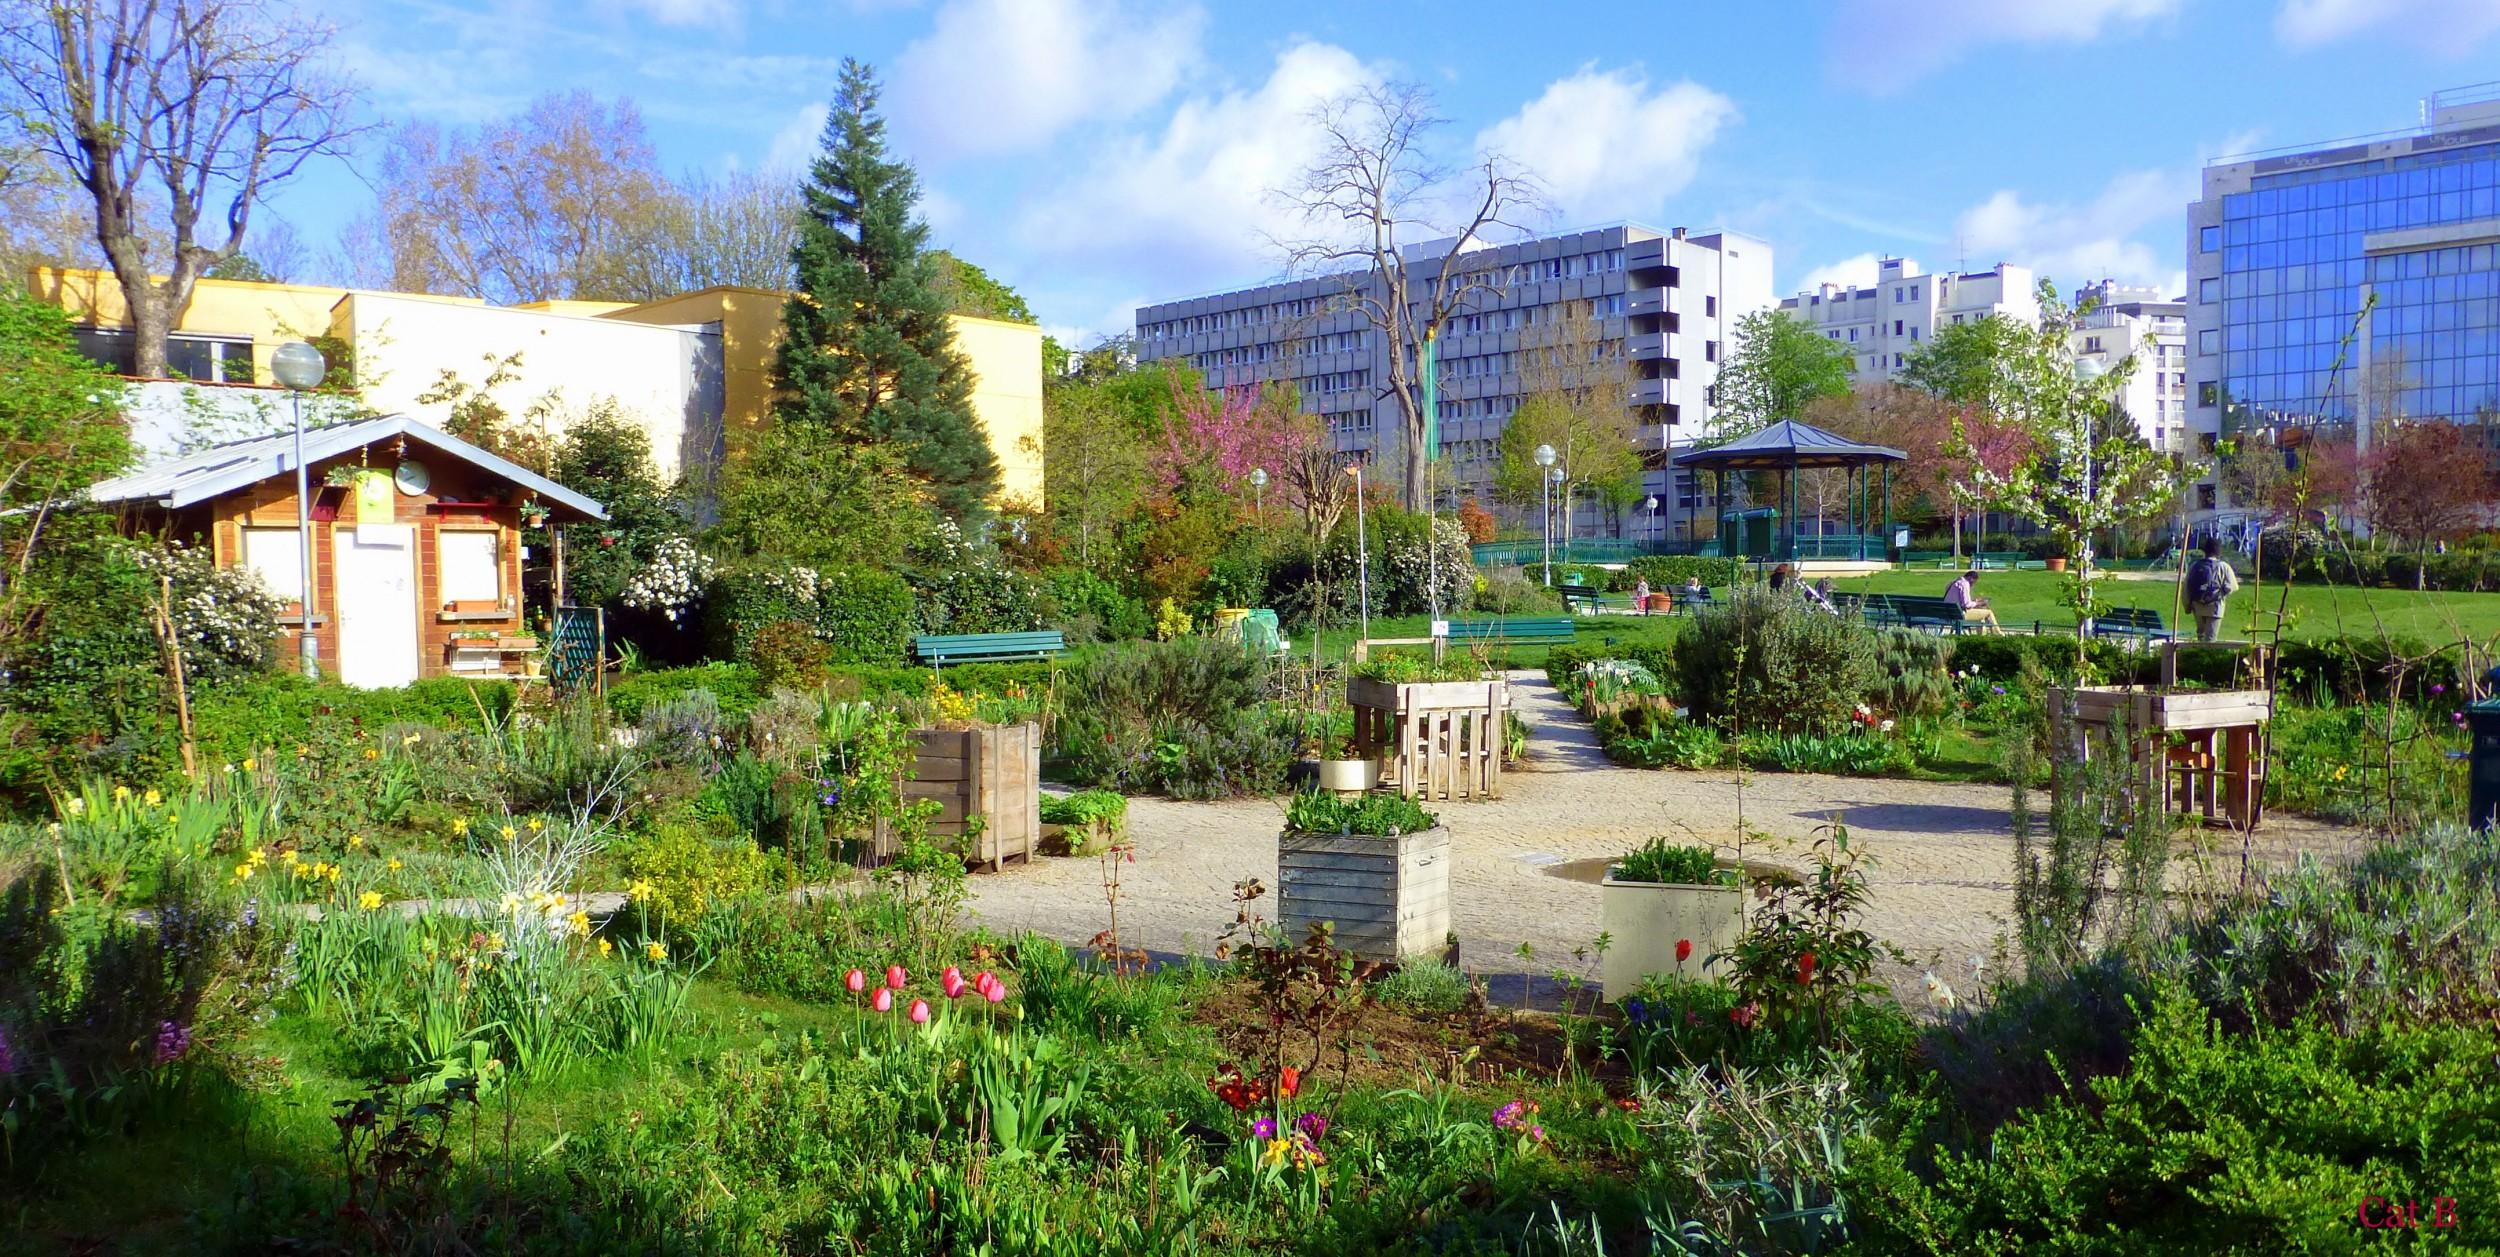 C 39 est un jardin extraordinaire catherine burg opera for Un jardin extraordinaire